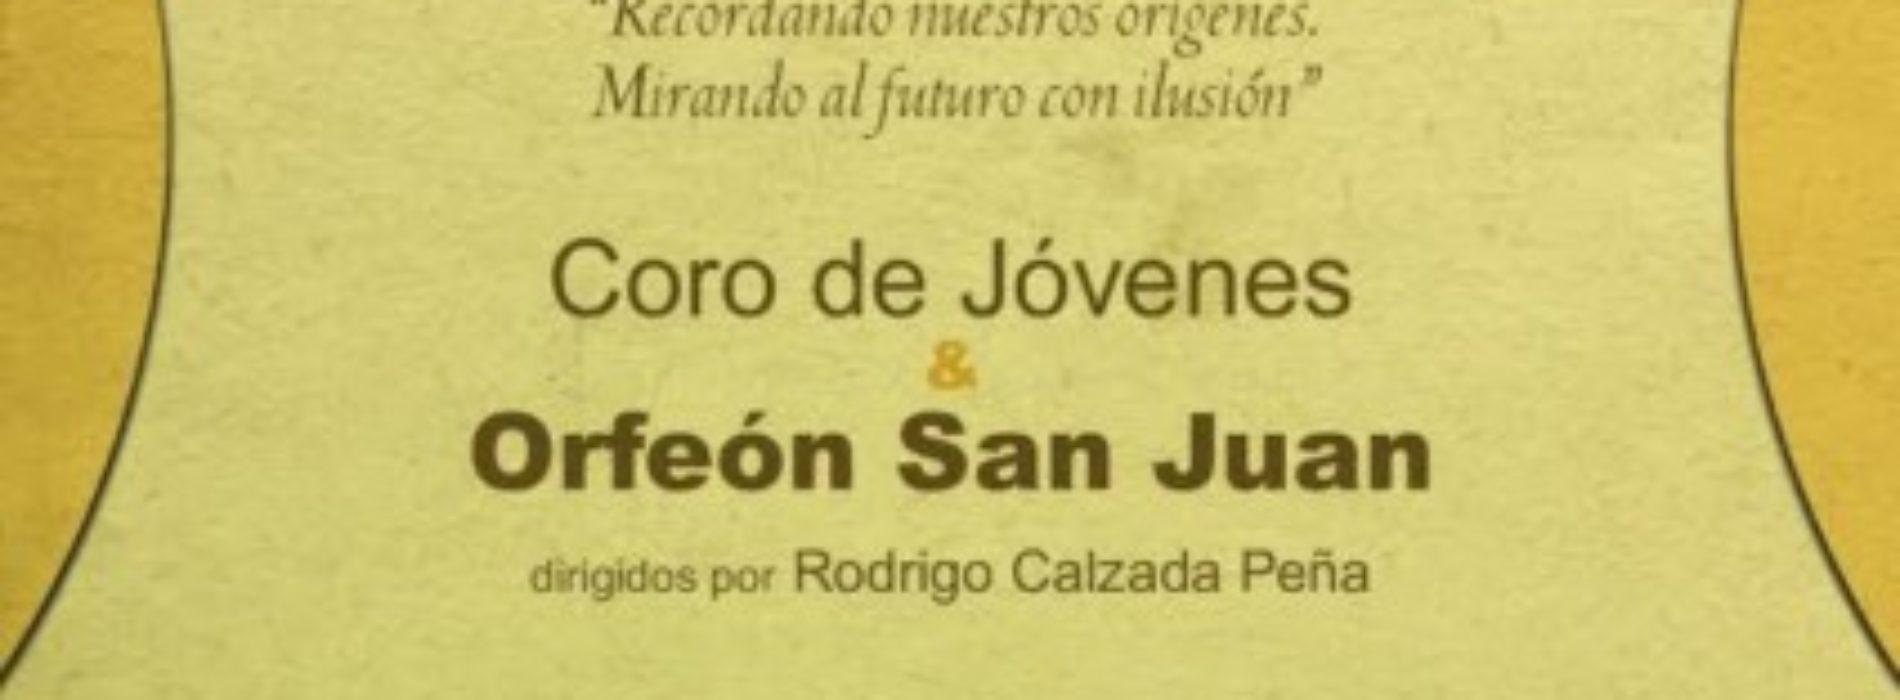 Concierto conmemorativo de los 40 años del Orfeón San Juan.